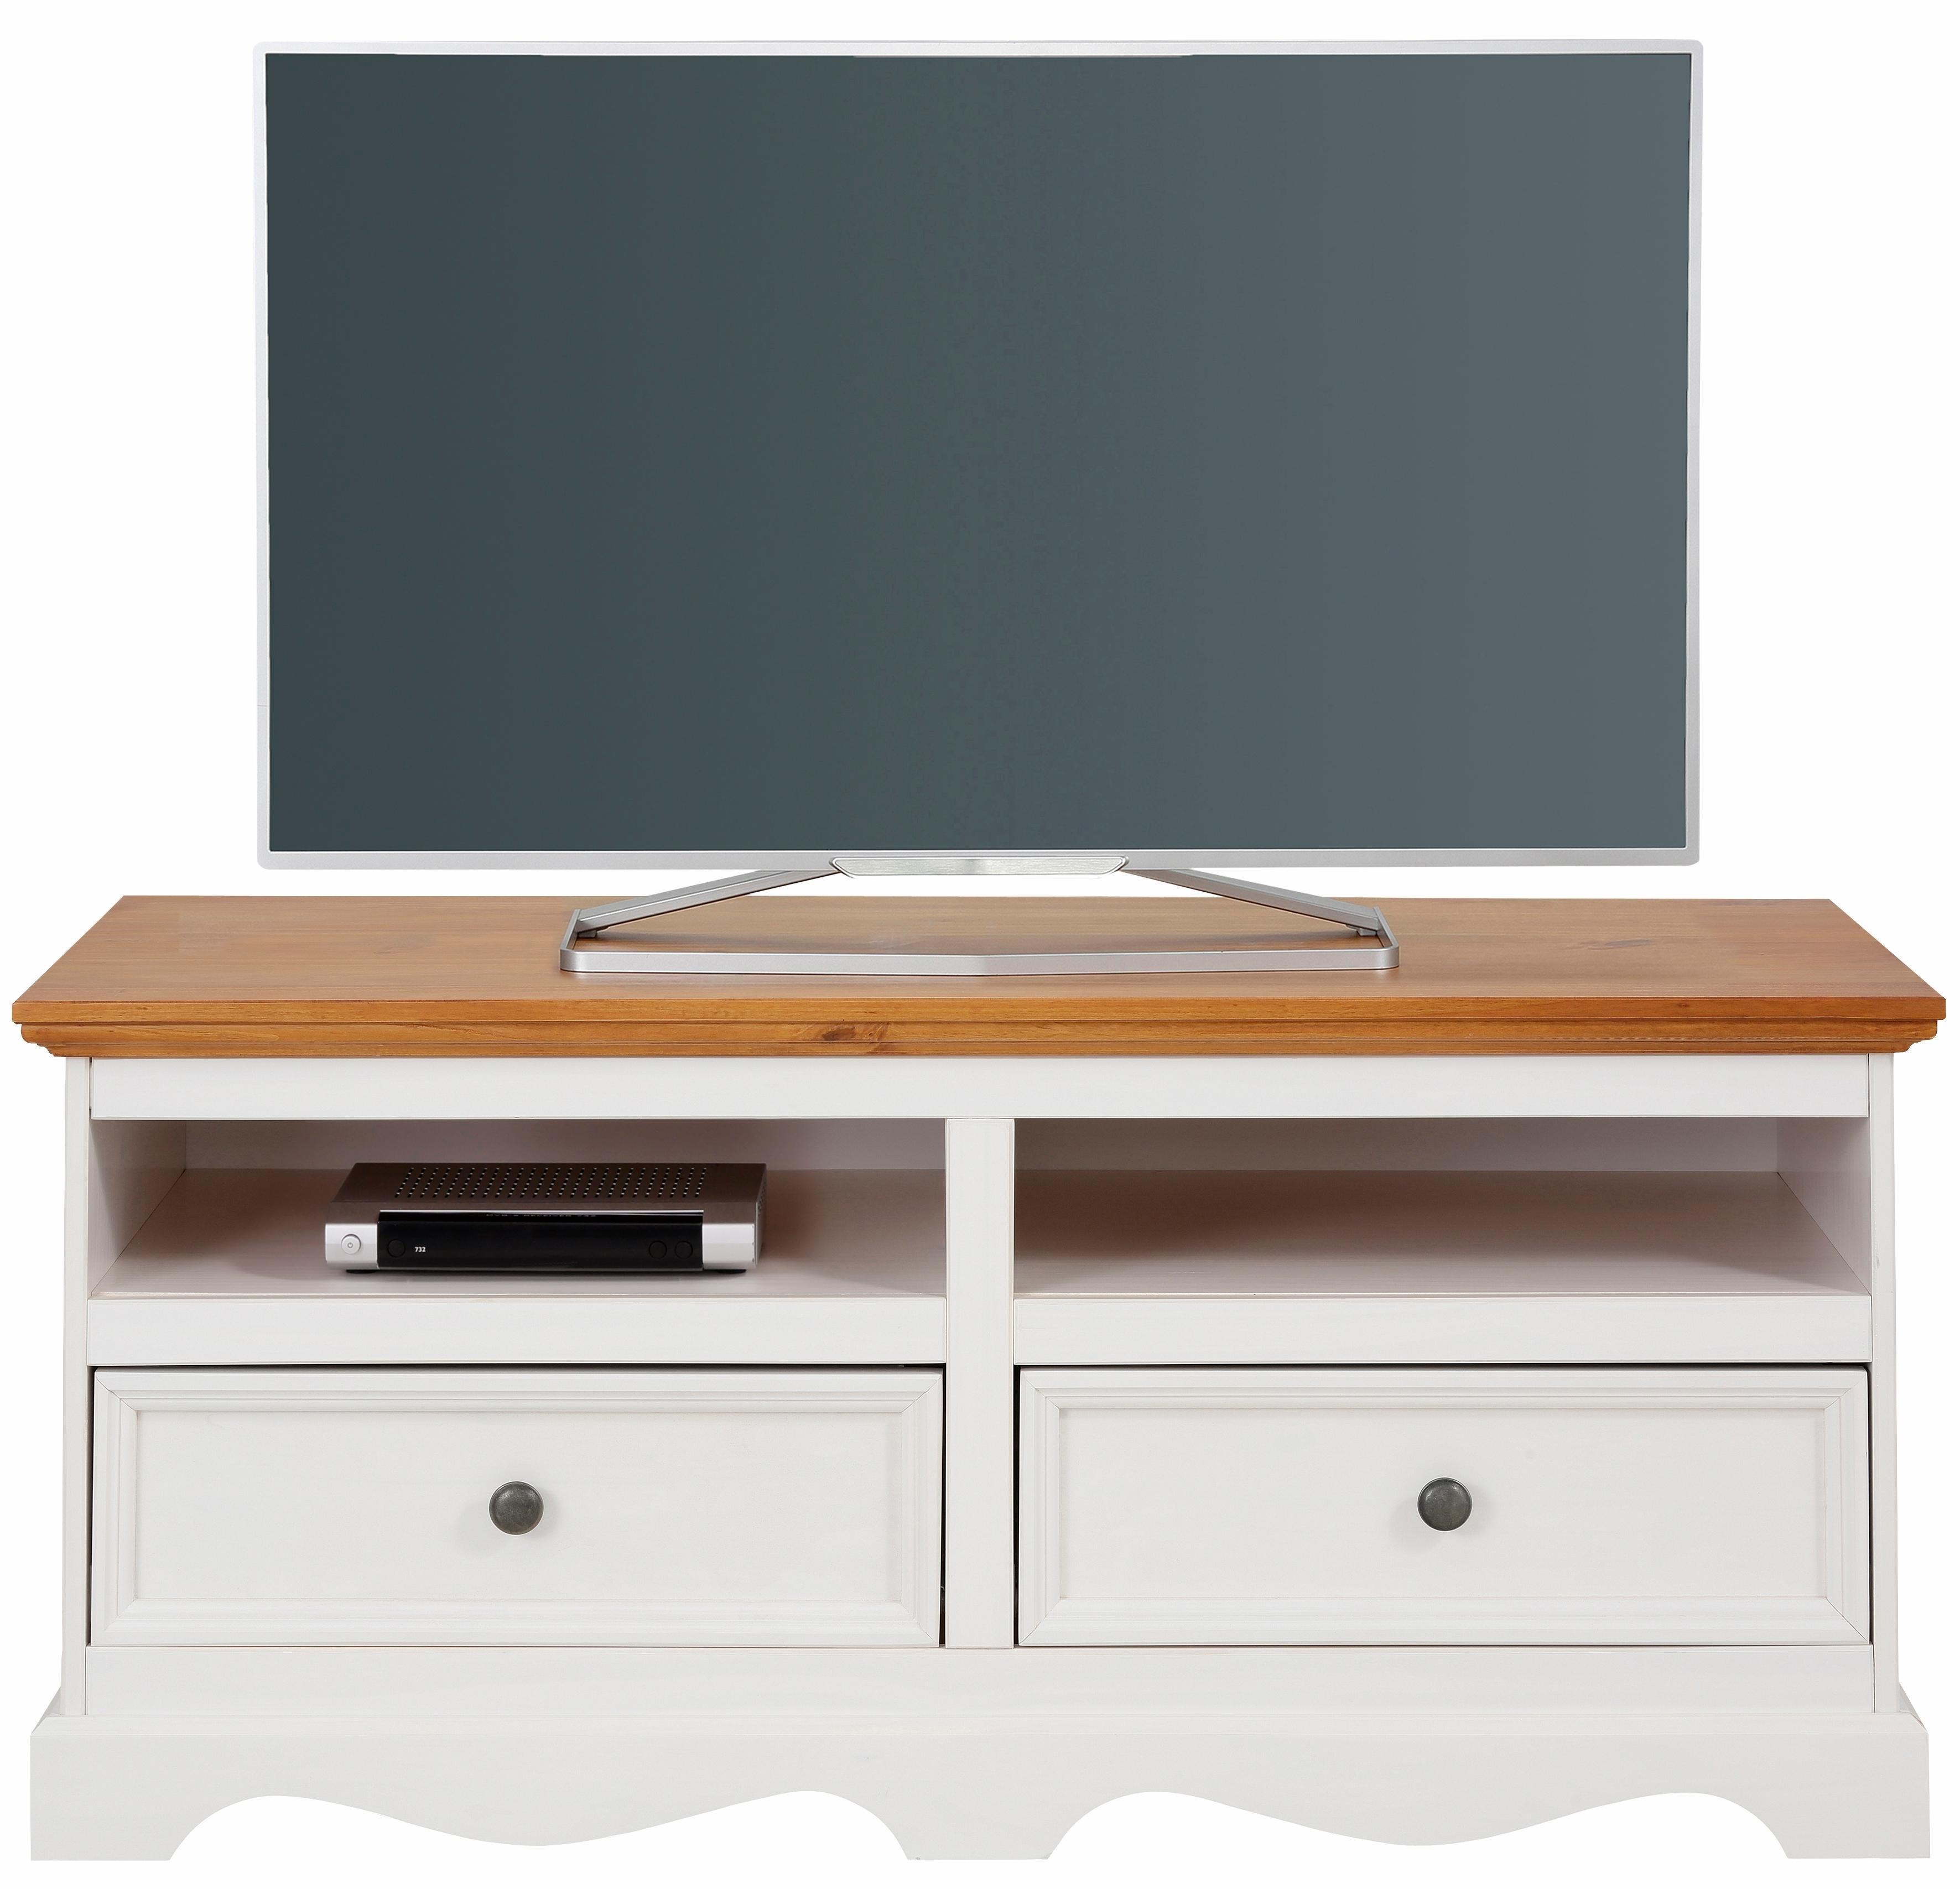 Home affaire TV-meubel »Melissa«, breedte 120 cm online kopen op otto.nl